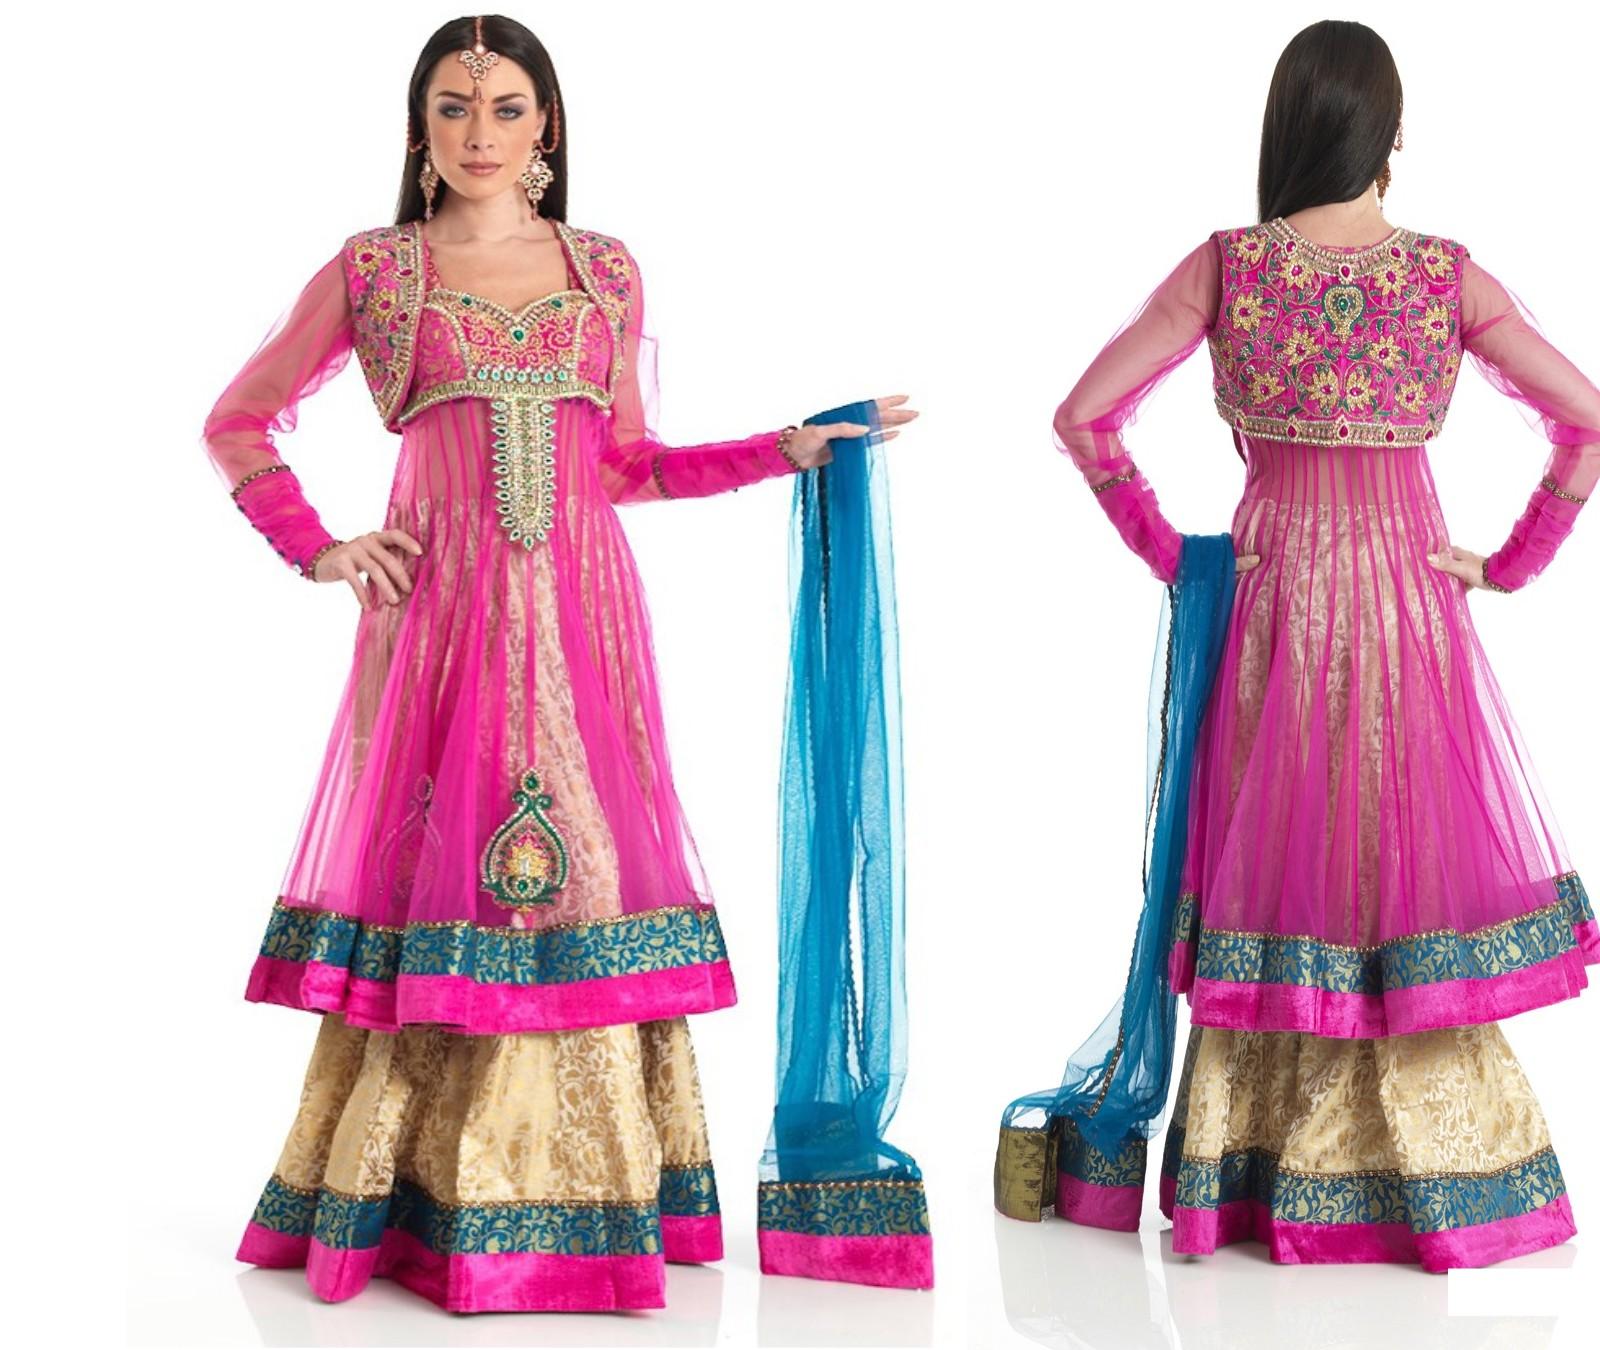 Double shirt dress design - Double Shirt Dresses Designs